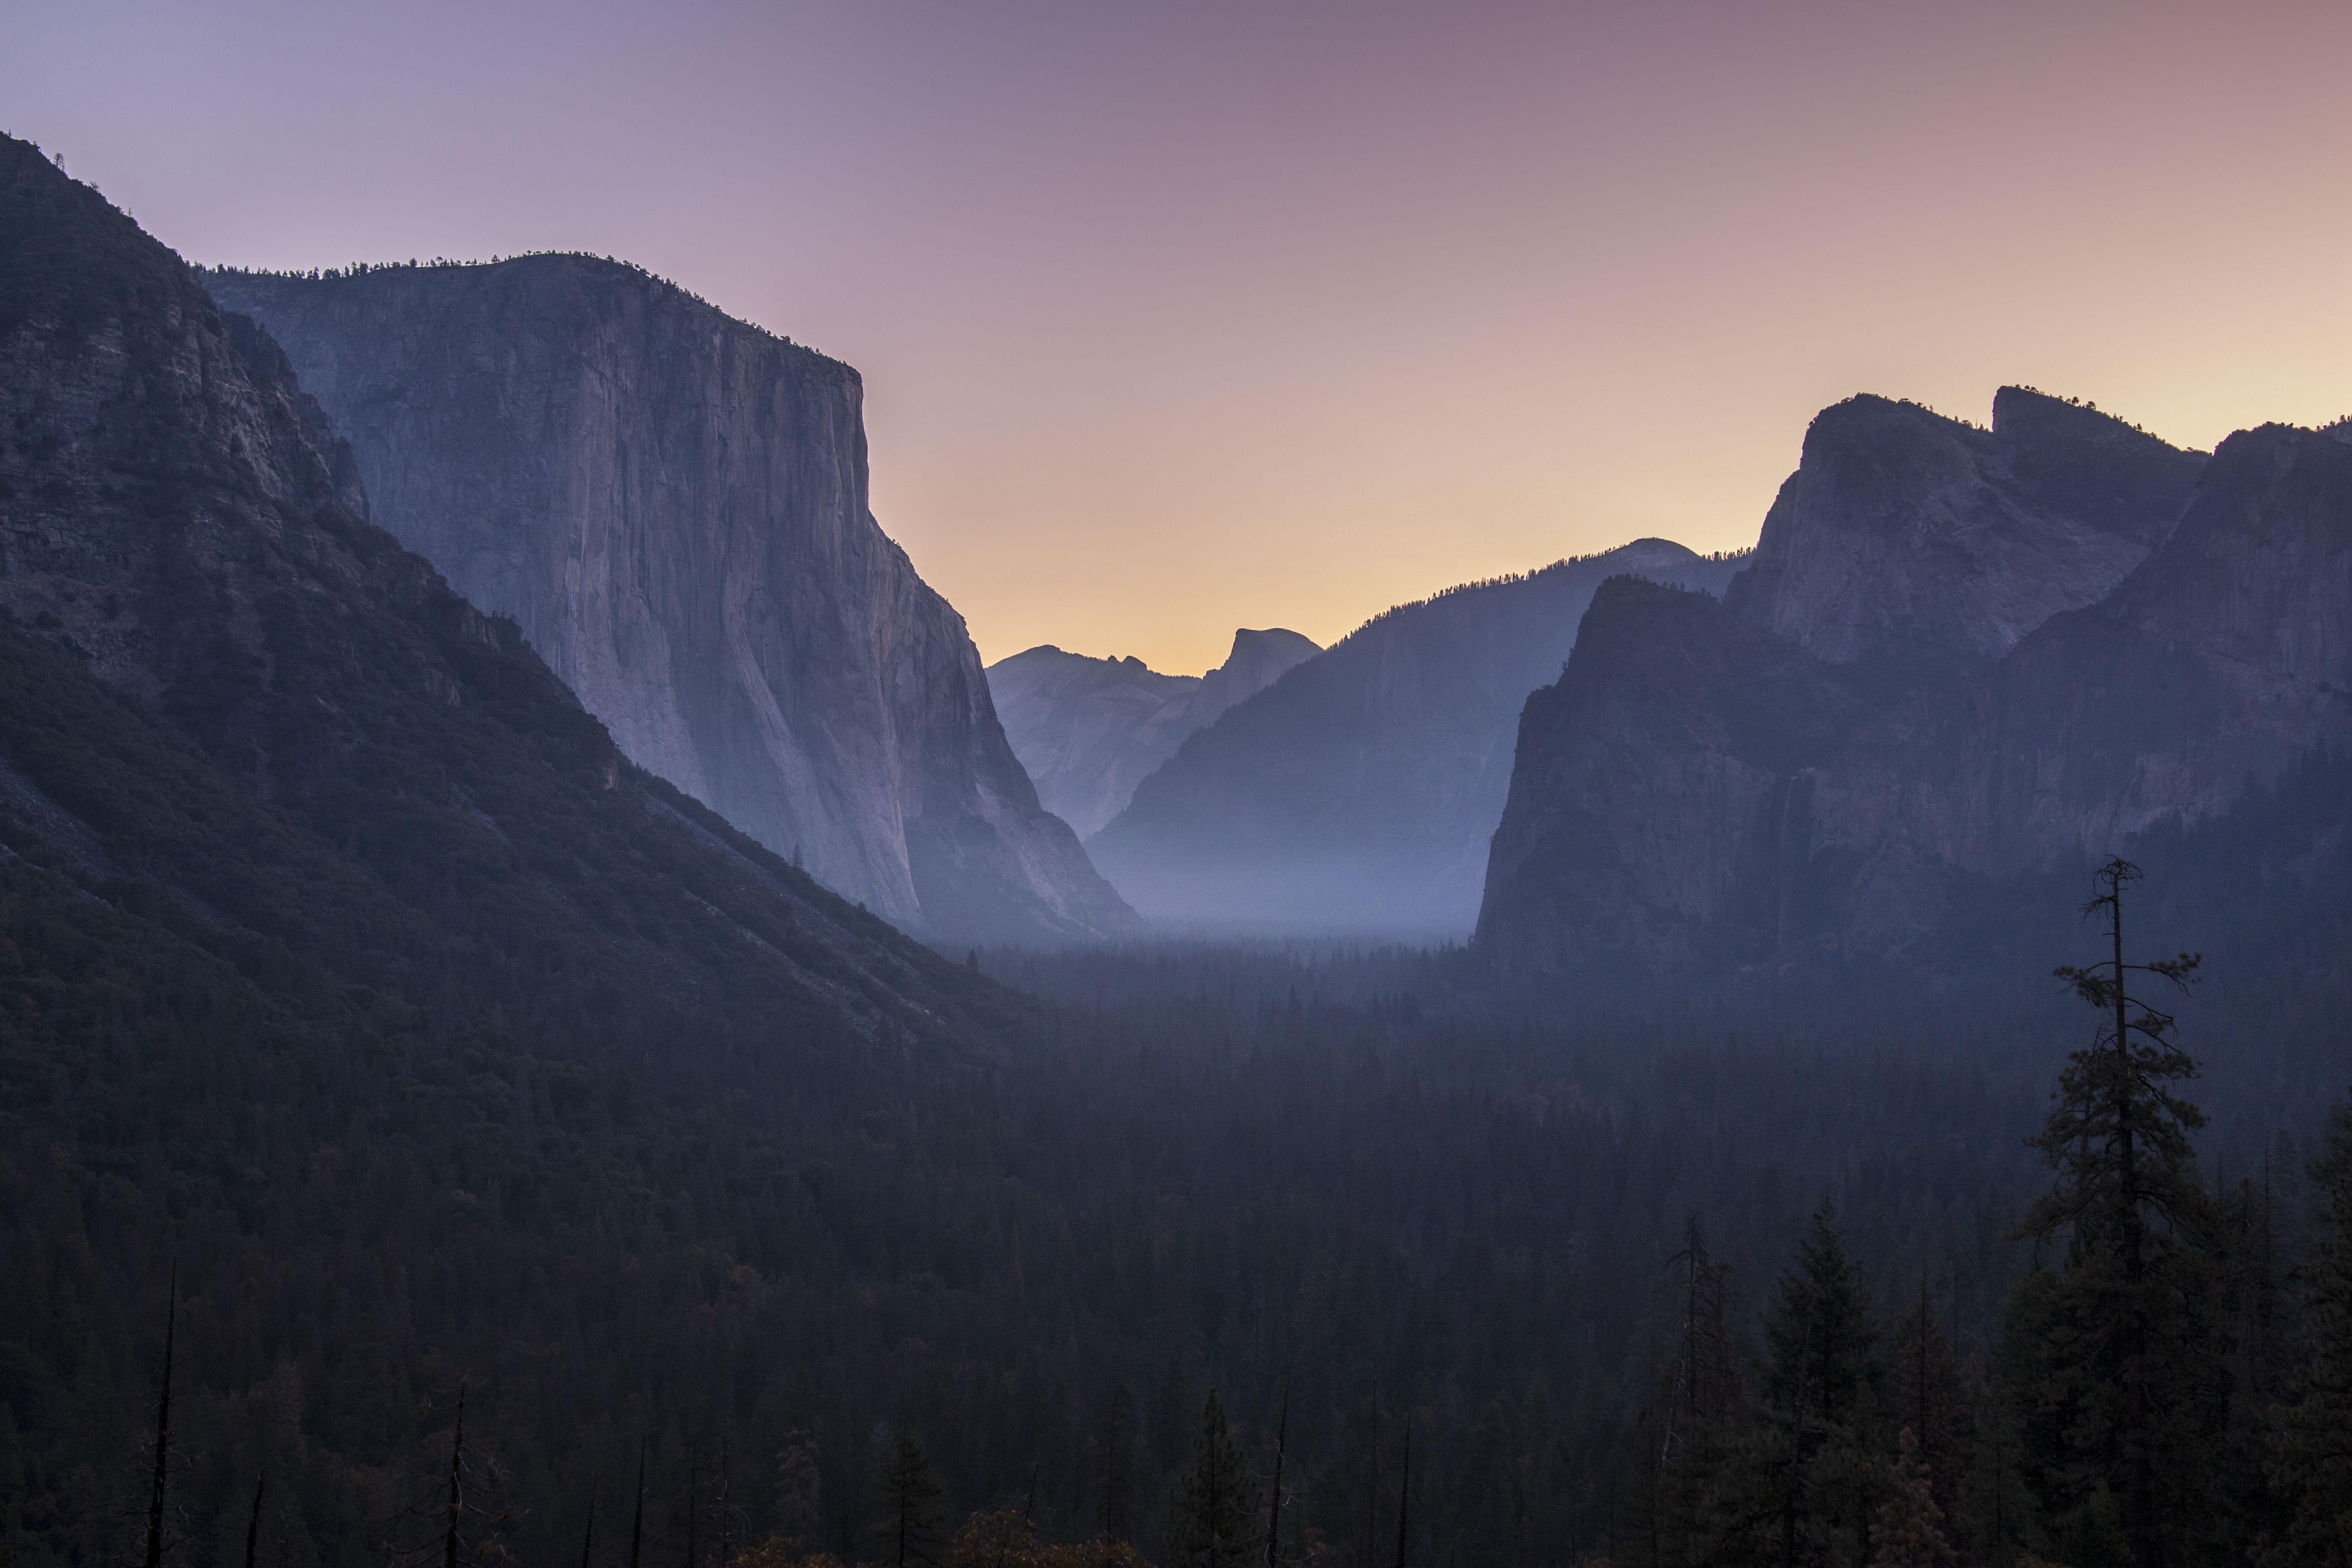 silhouette photo of mountain range